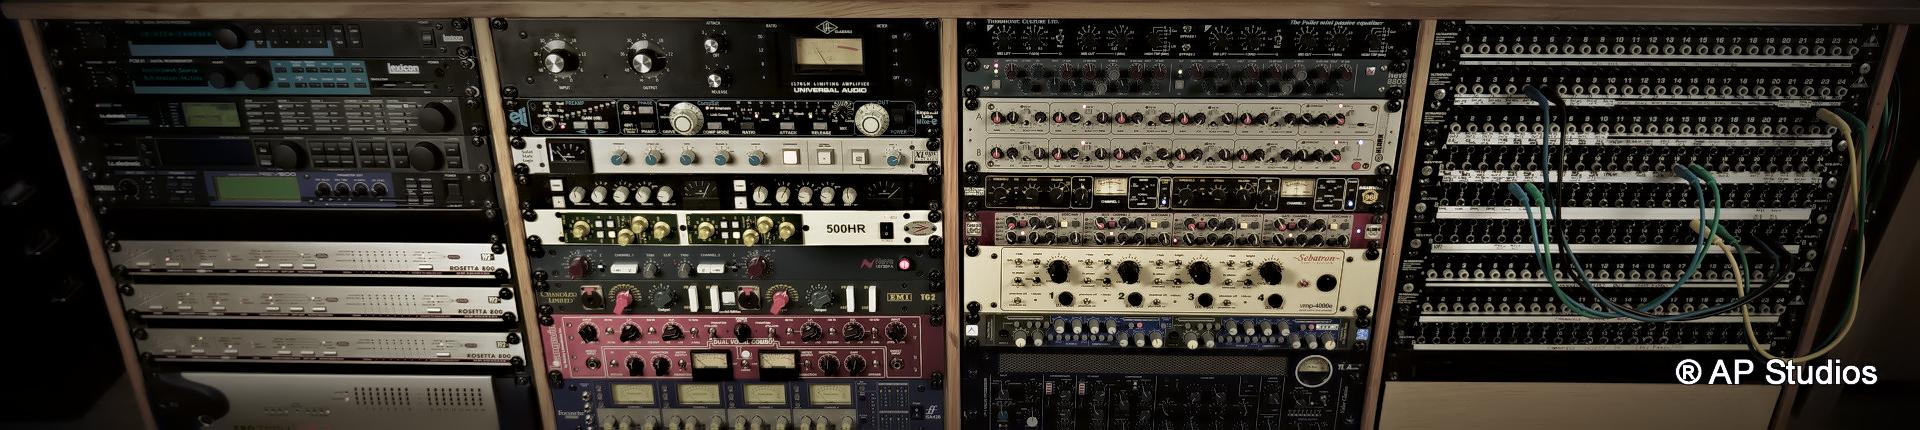 AP Recording Studios Dublin outboard rack